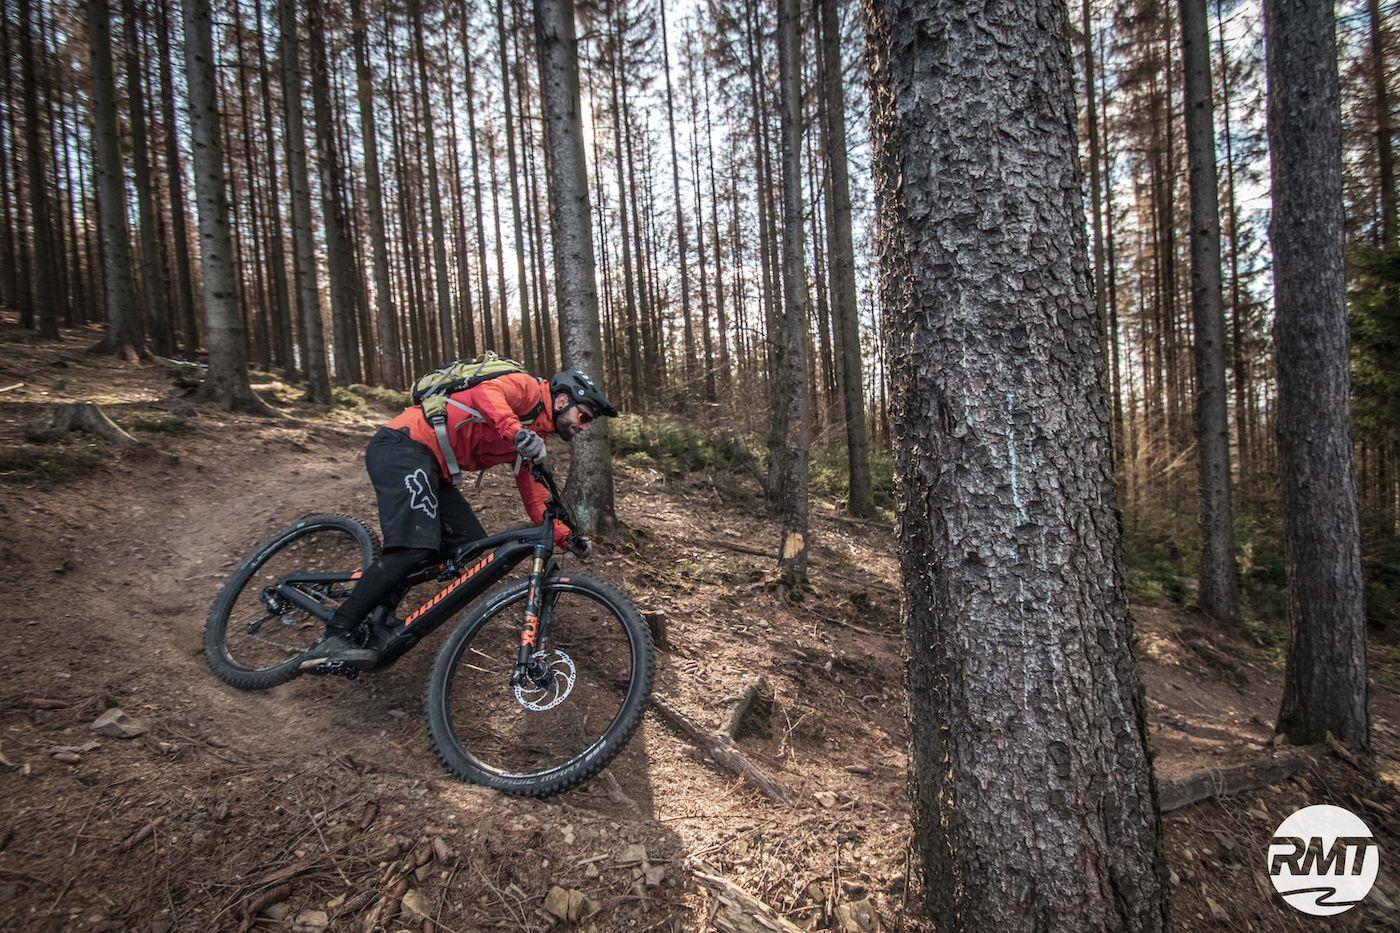 MTB Fahrtechnik Kurs Fortgeschrittene in Bad Orb |Spessart - Mountainbike Fortgeschritten - Rock my Trail Bikeschule - 6